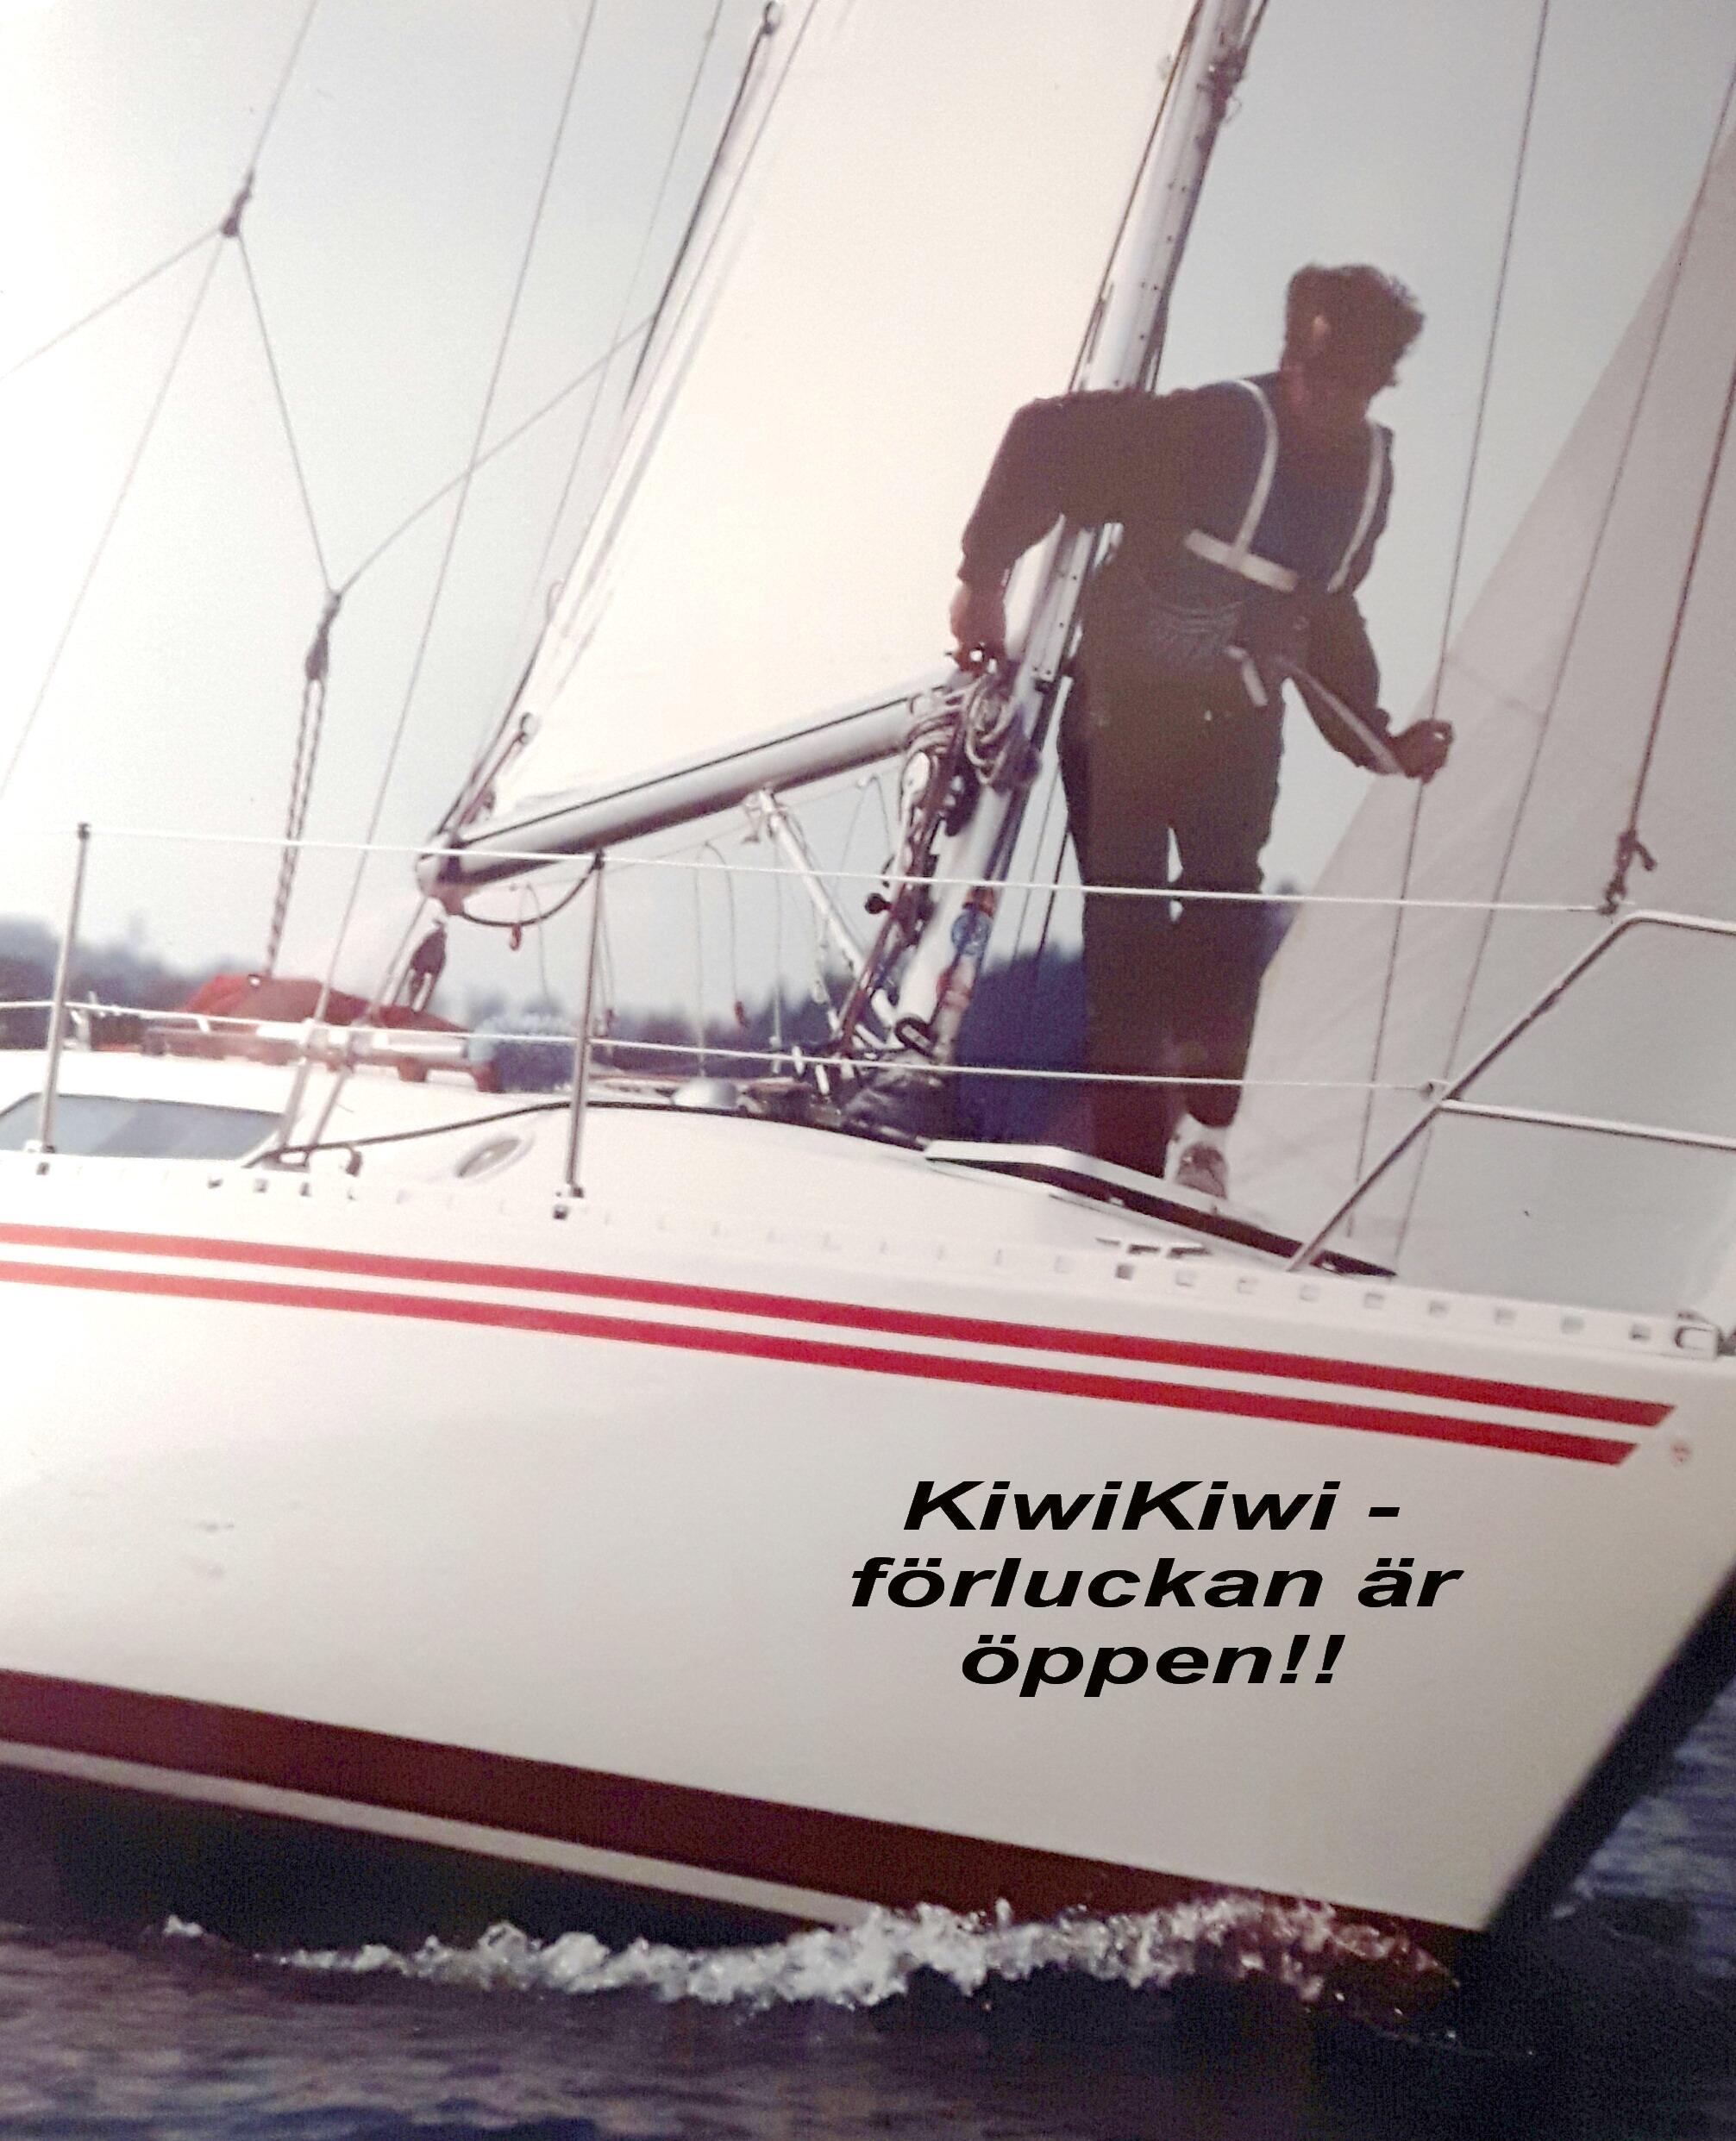 KiwiKiwi - förluckan är öppen - med text